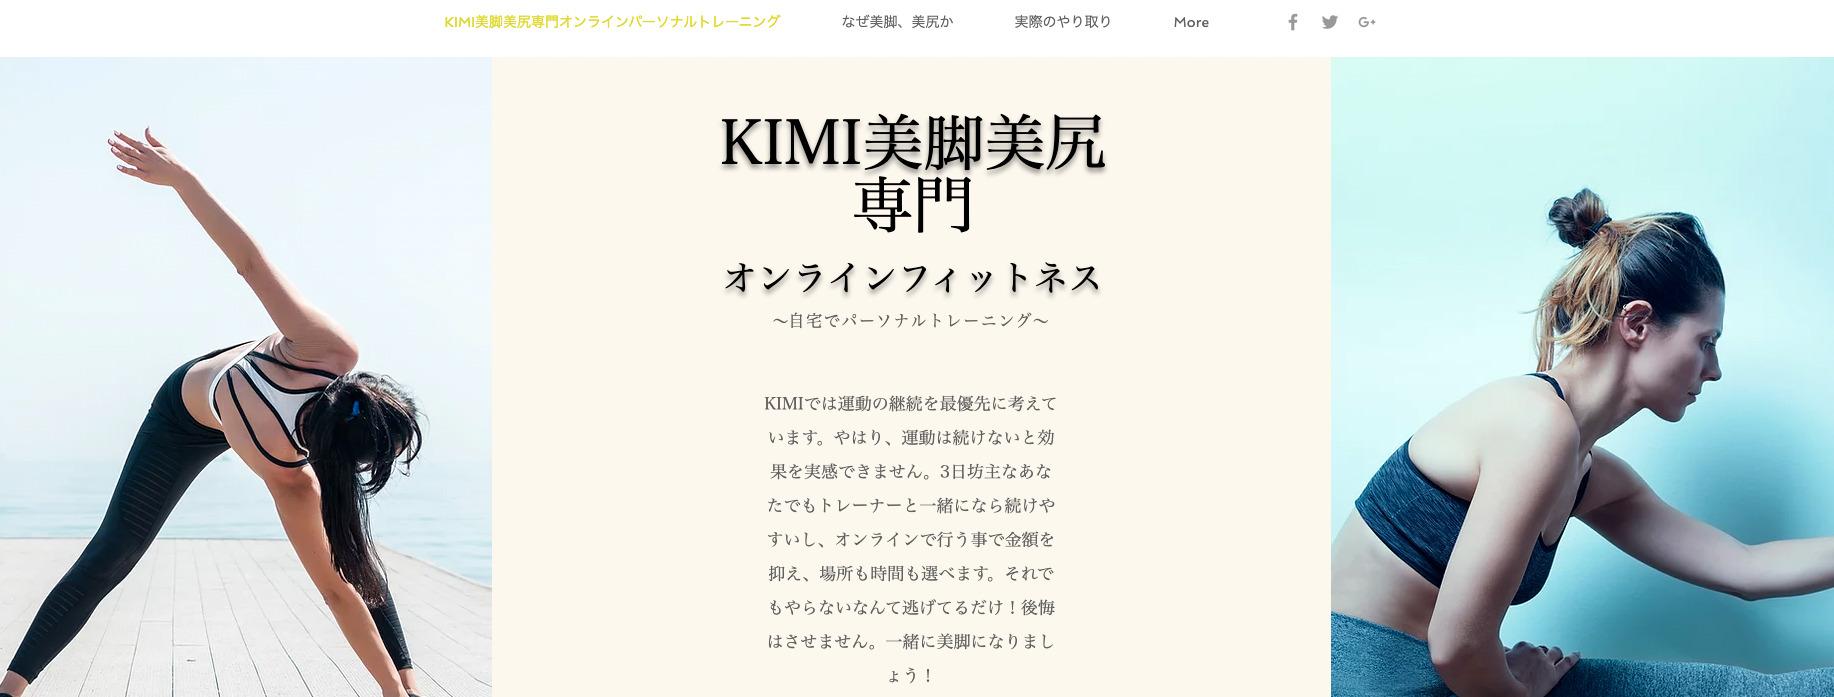 KIMIオンラインフィットネス とは